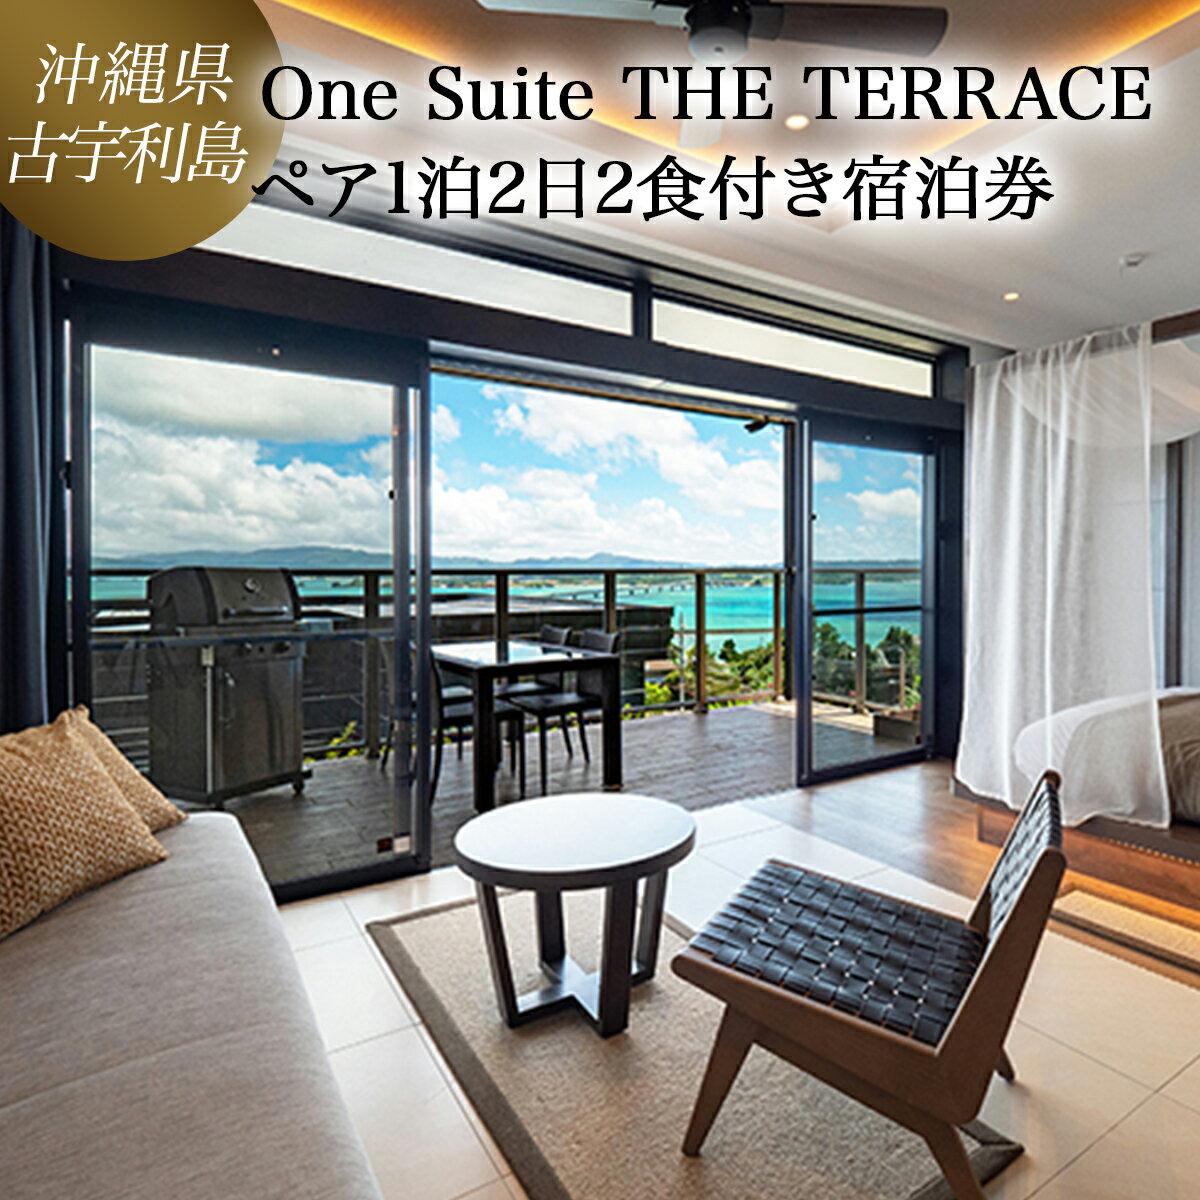 癒やしを求めて、全室スイートルーム 古宇利島リゾートホテルペア1泊2日2食付き(沖縄県・ワンスイートザ・テラス)